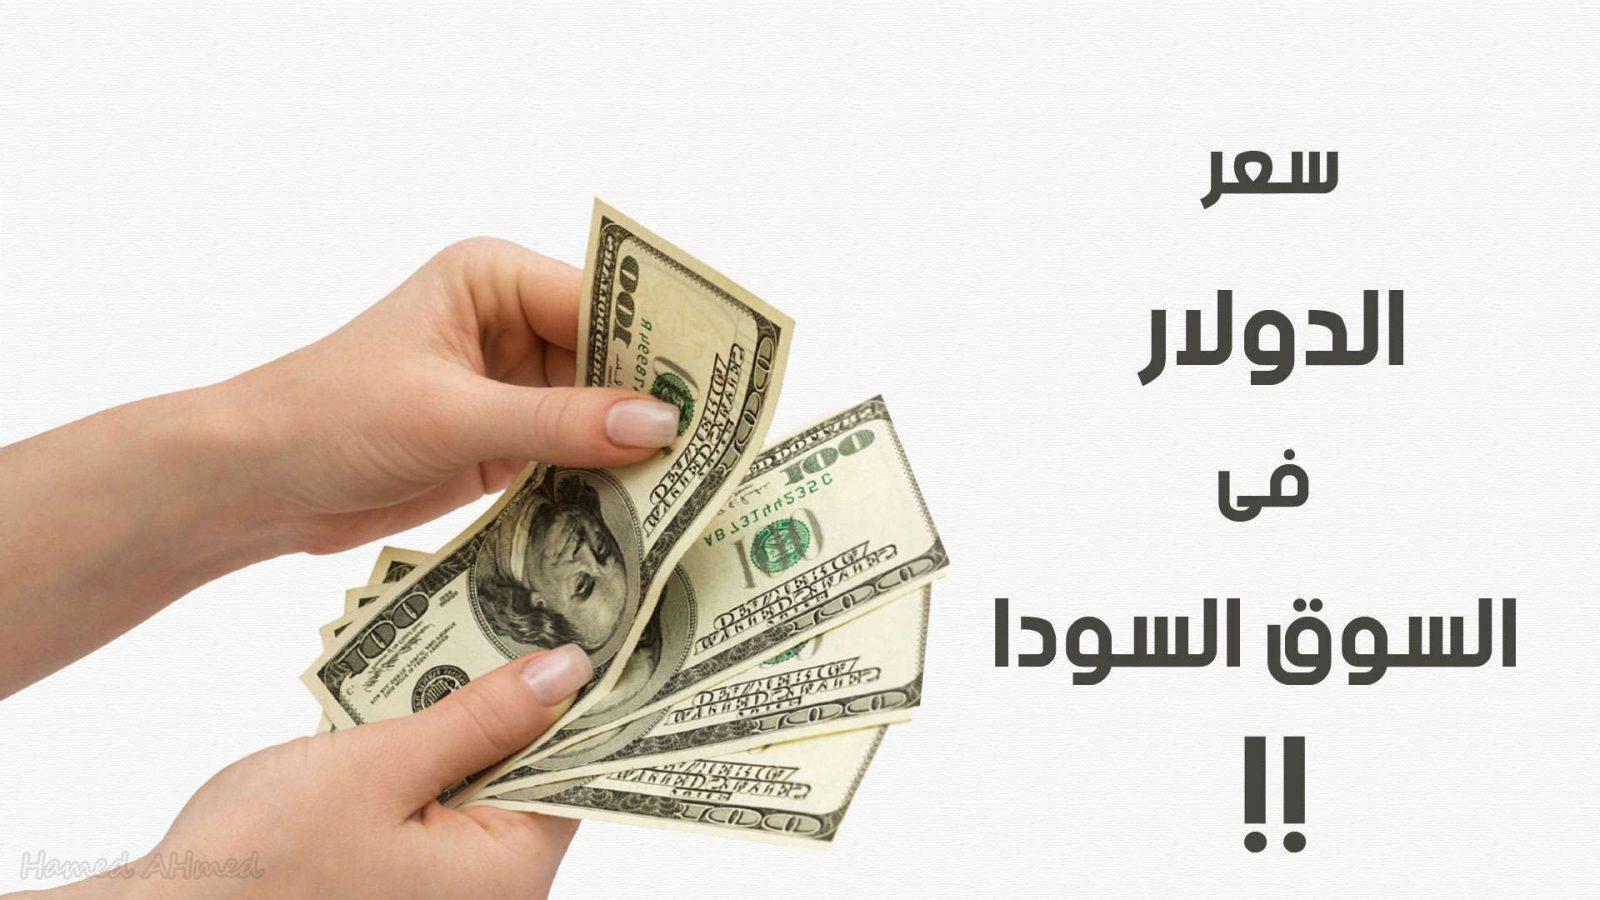 سعر الدولار في السوق السوداء اليوم الجمعة 28102016